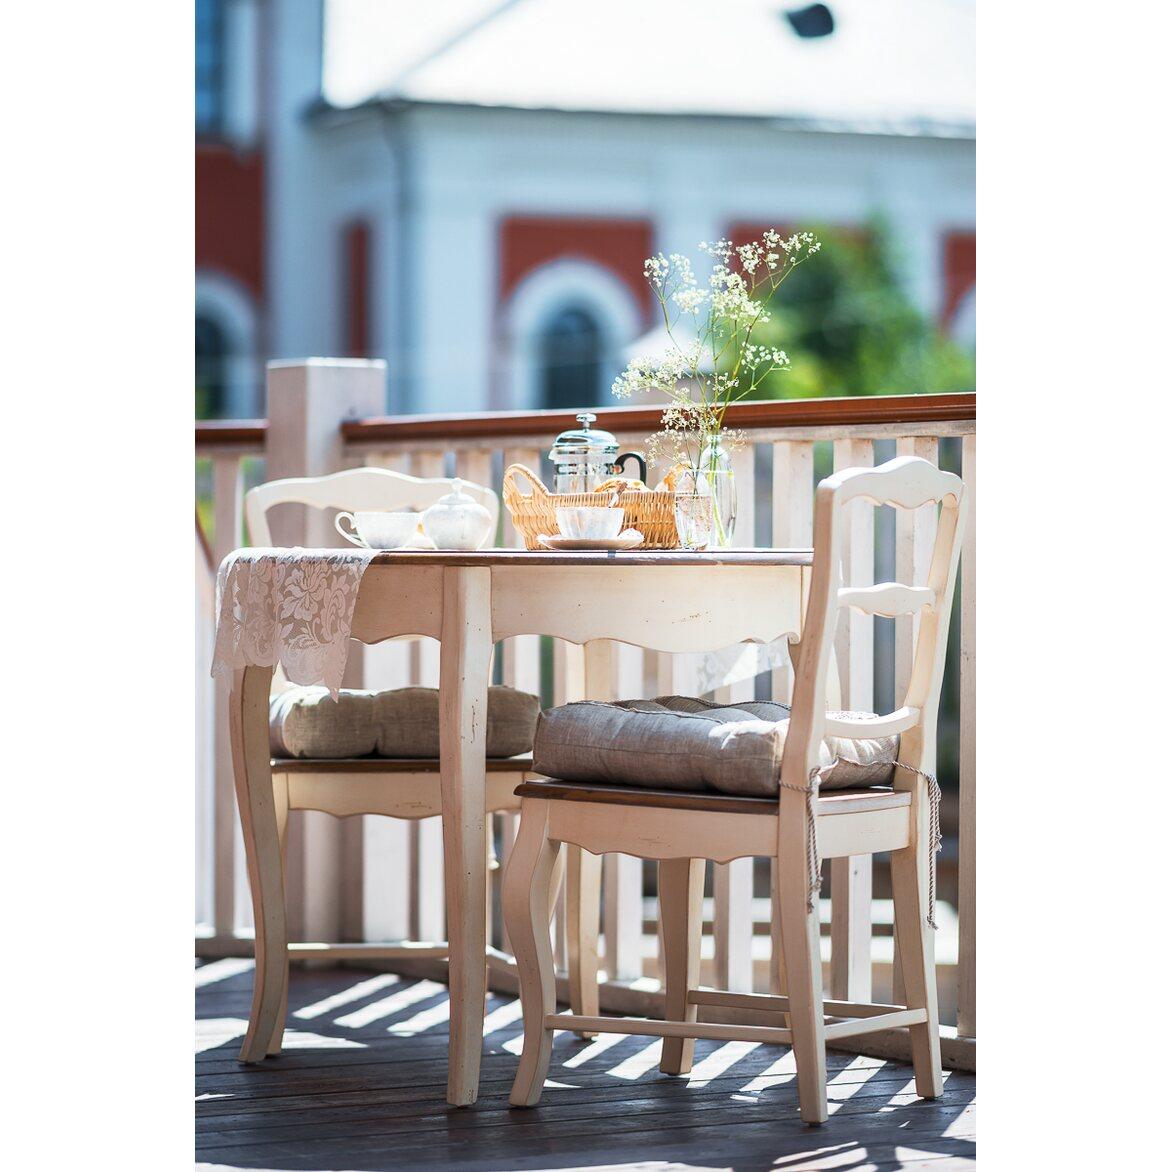 Круглый обеденный стол (большой) Leontina, бежевого цвета 3 | Обеденные столы Kingsby